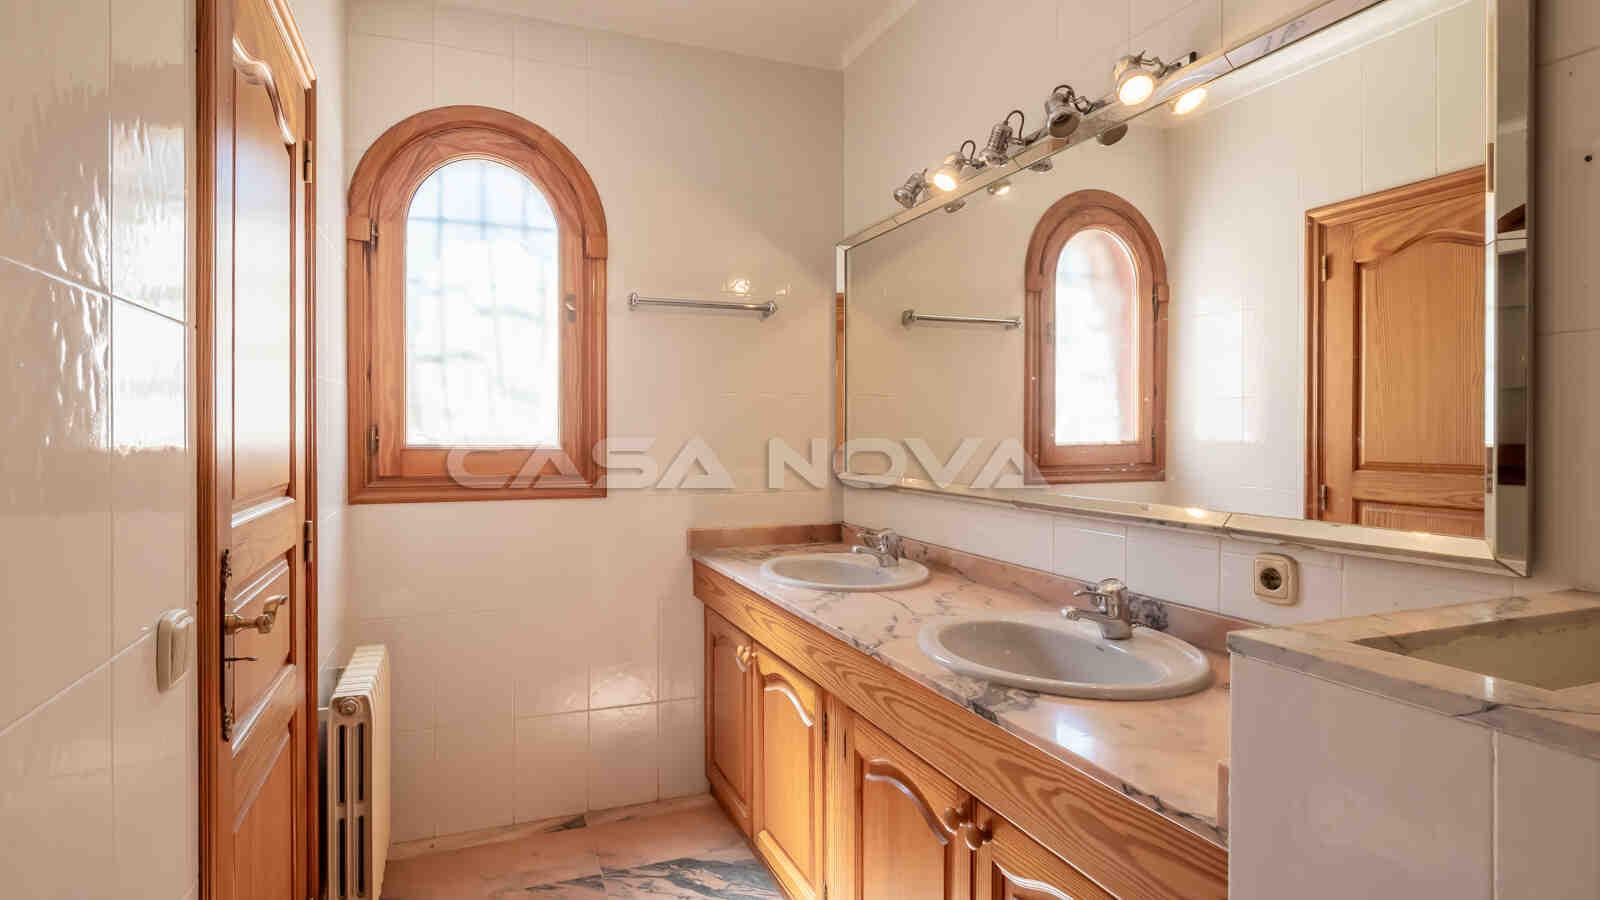 Großes Badezimmer mit vielen Gestaltungsmöglichkeiten